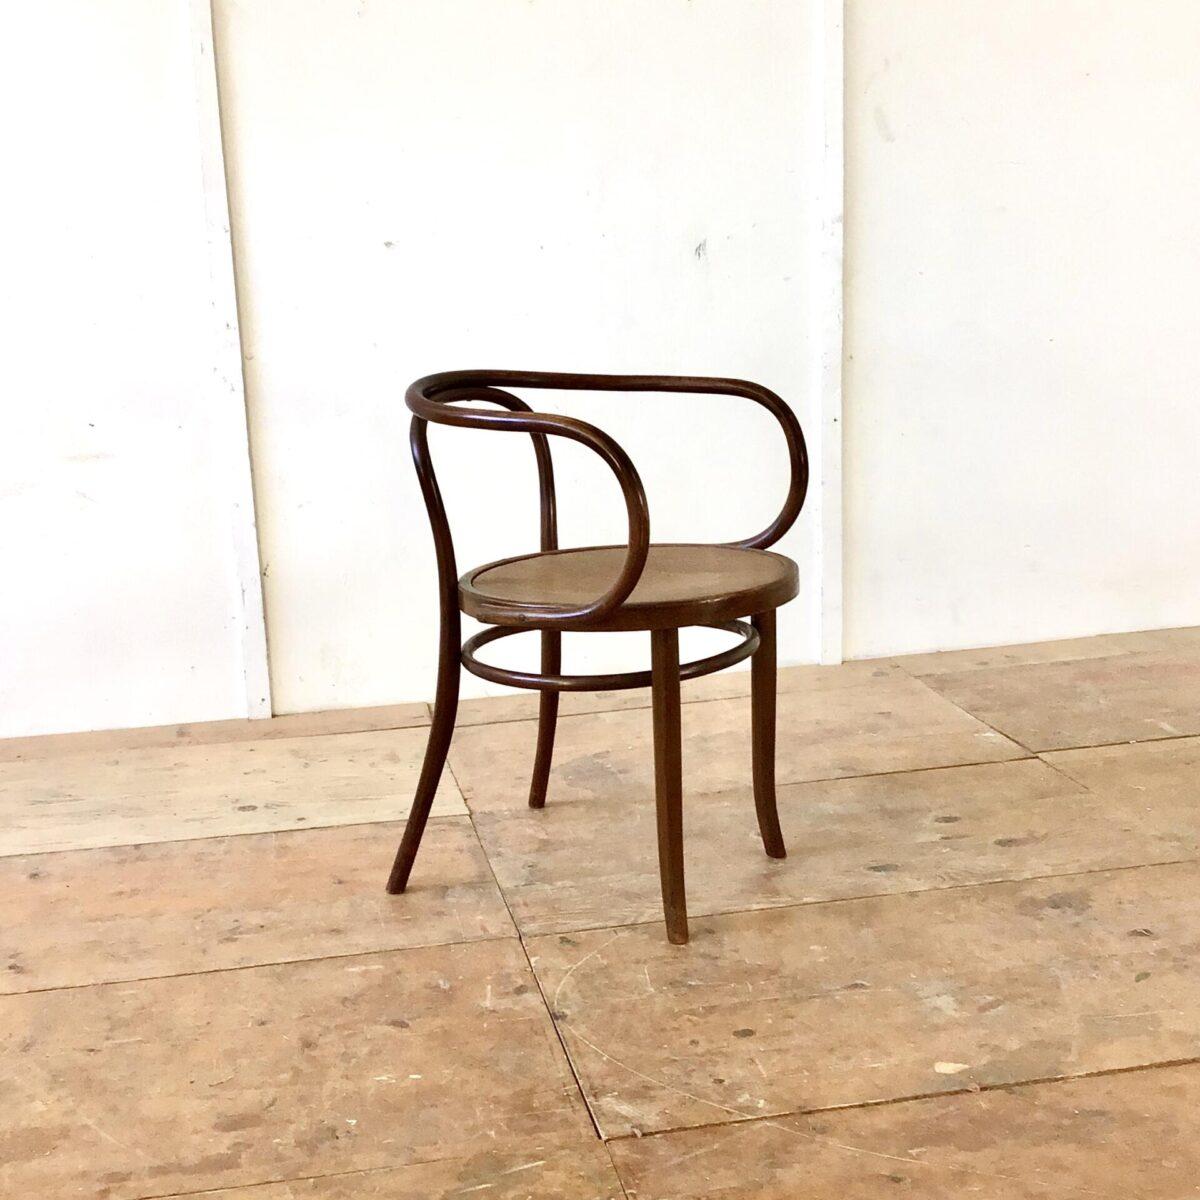 deuxieme.shop 209 Bugholz Stuhl Thonet. Dunkelbraune warme Alterspatina. Die Sitzmulde ist leicht geprägt mit einem Krokodil Muster.